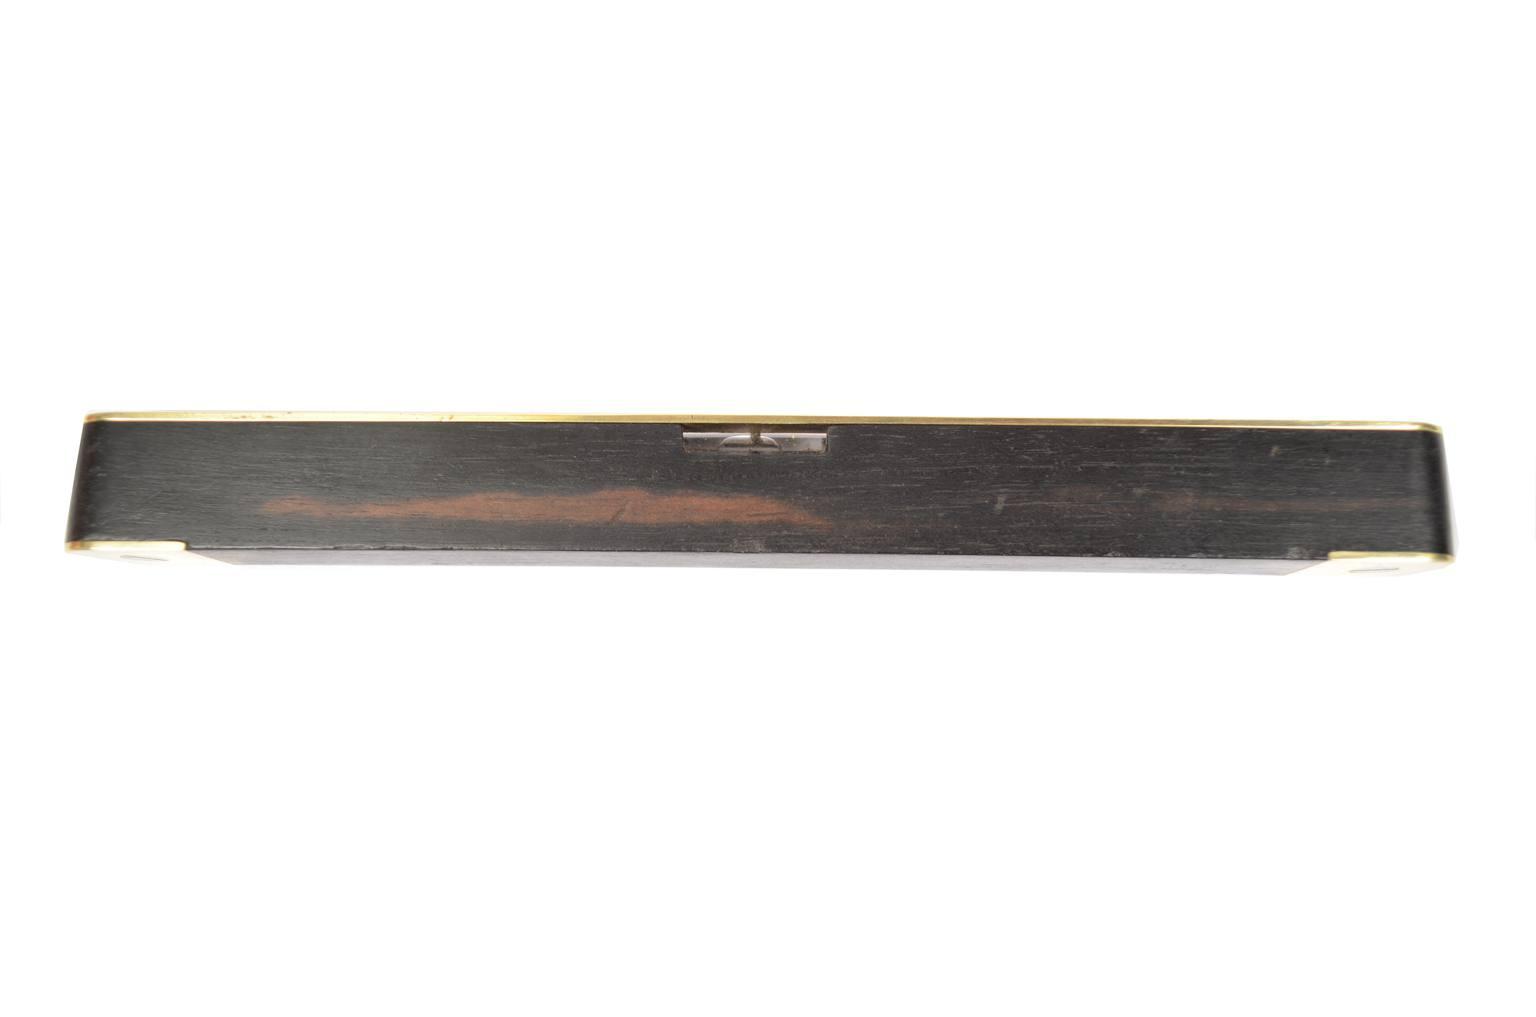 Strumenti di misura antichi/6346b-Livella ad acqua